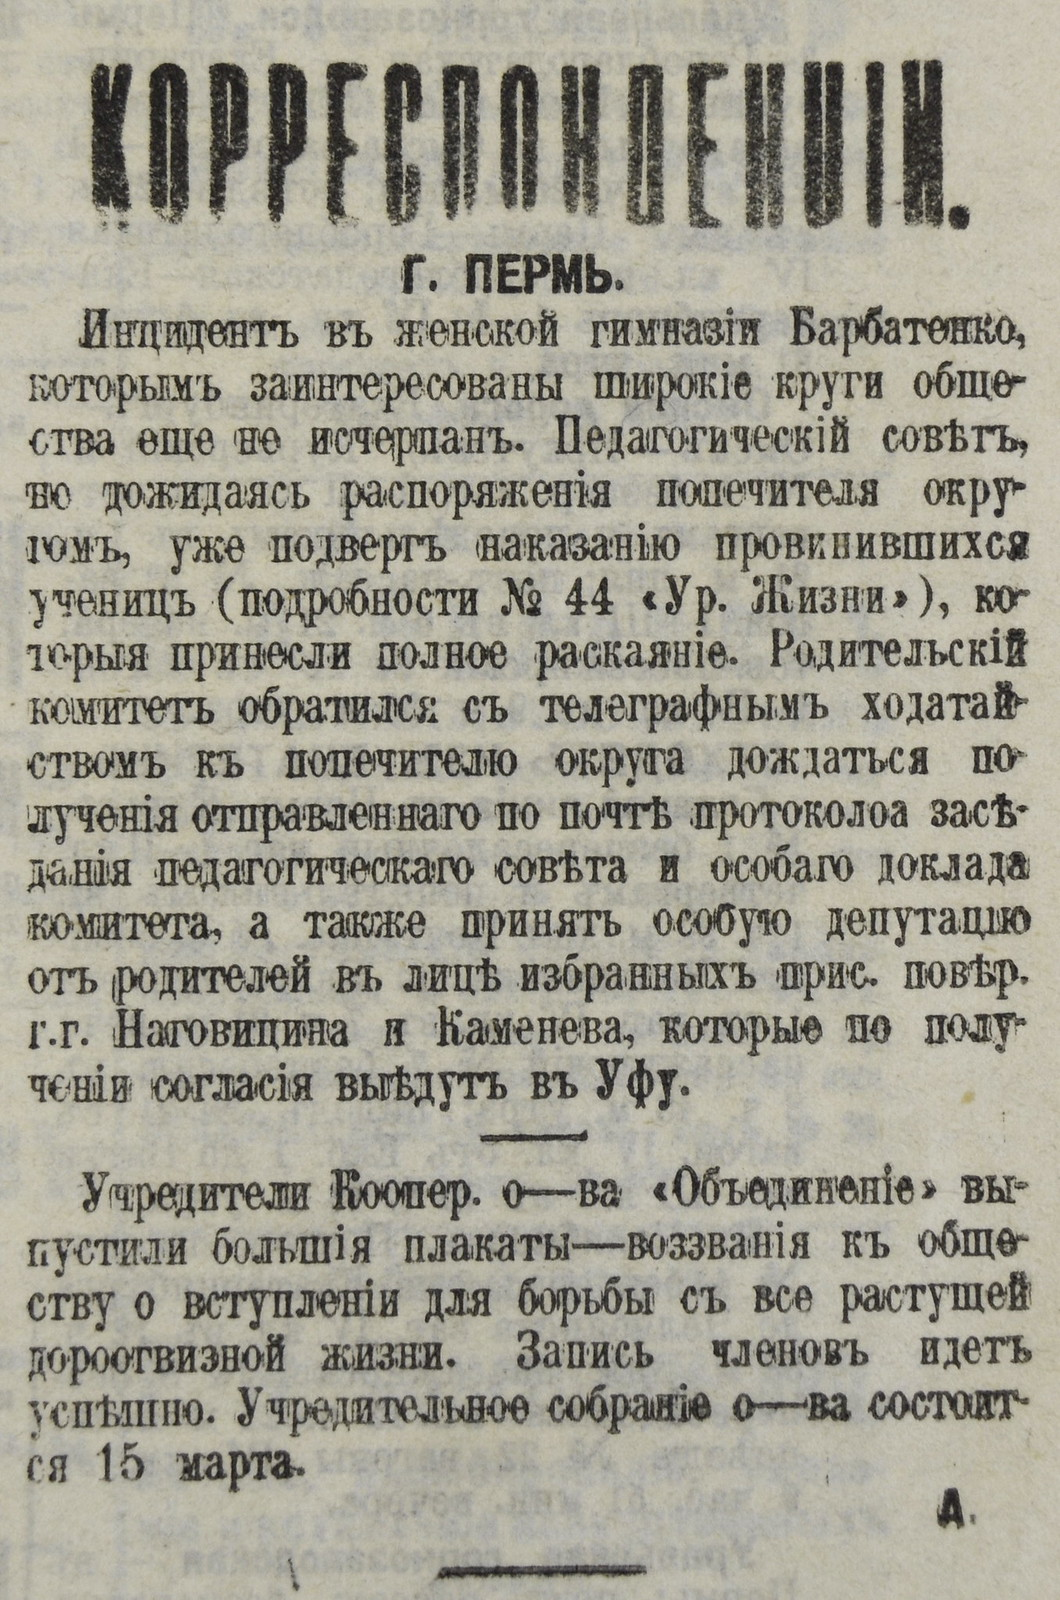 1915-03-04 Уральская жизнь (10)